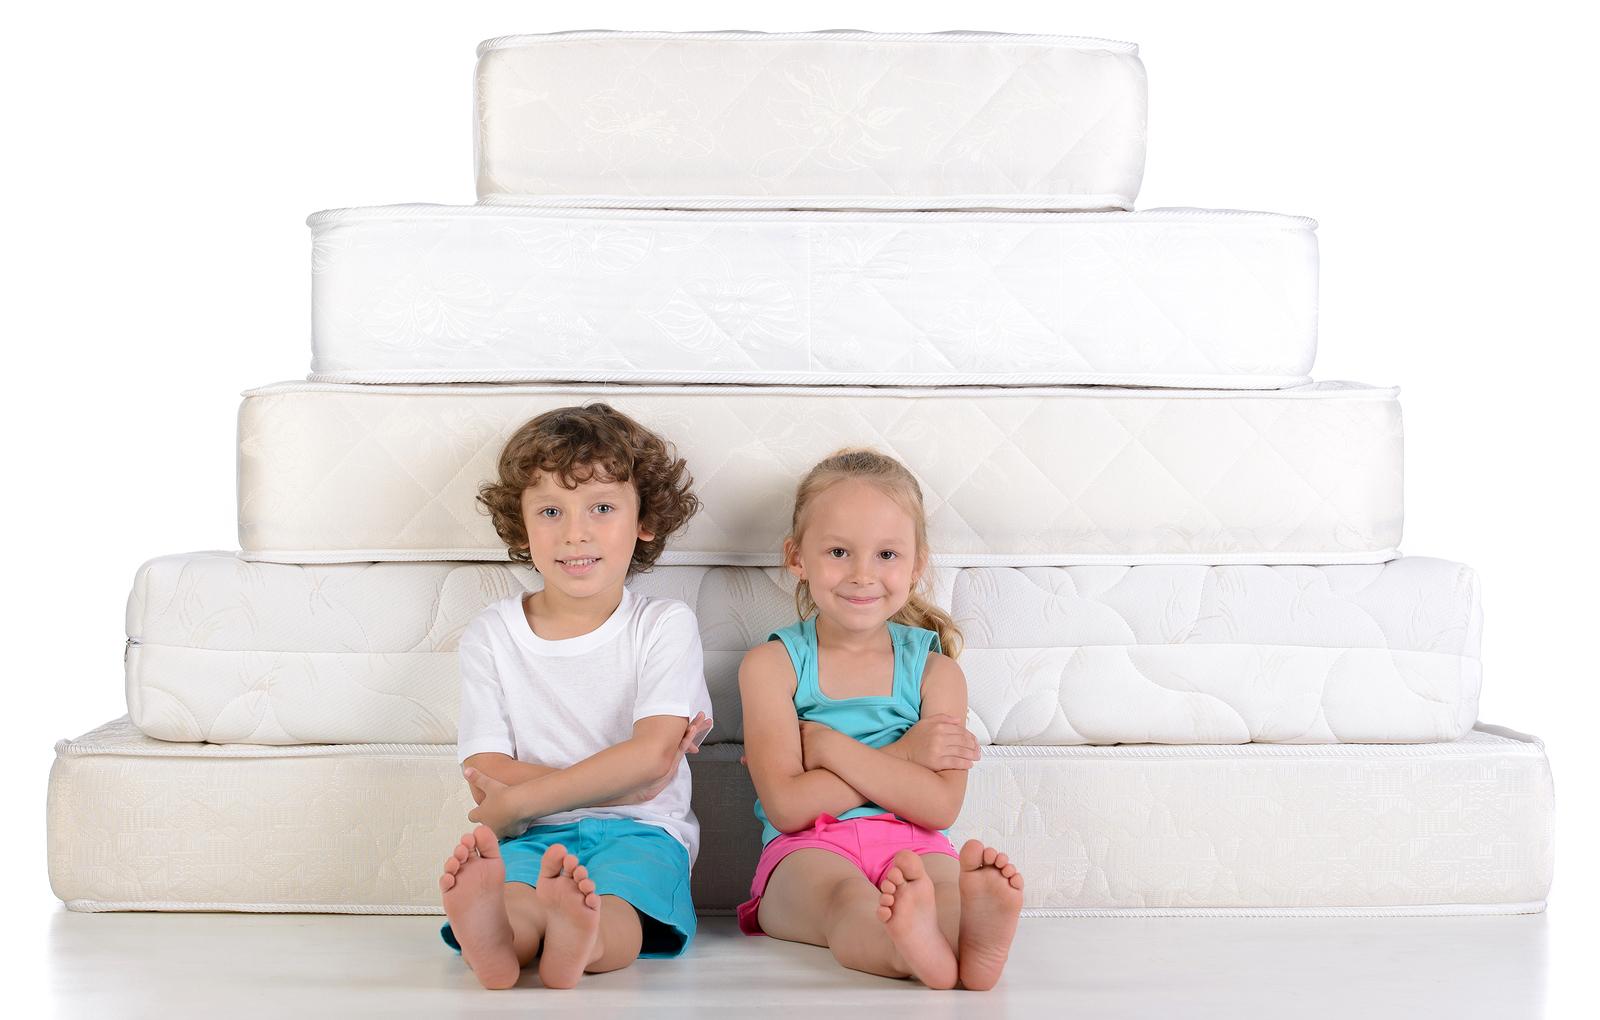 Обираємо дитячий матрац: як не помилитися та на що звернути увагу